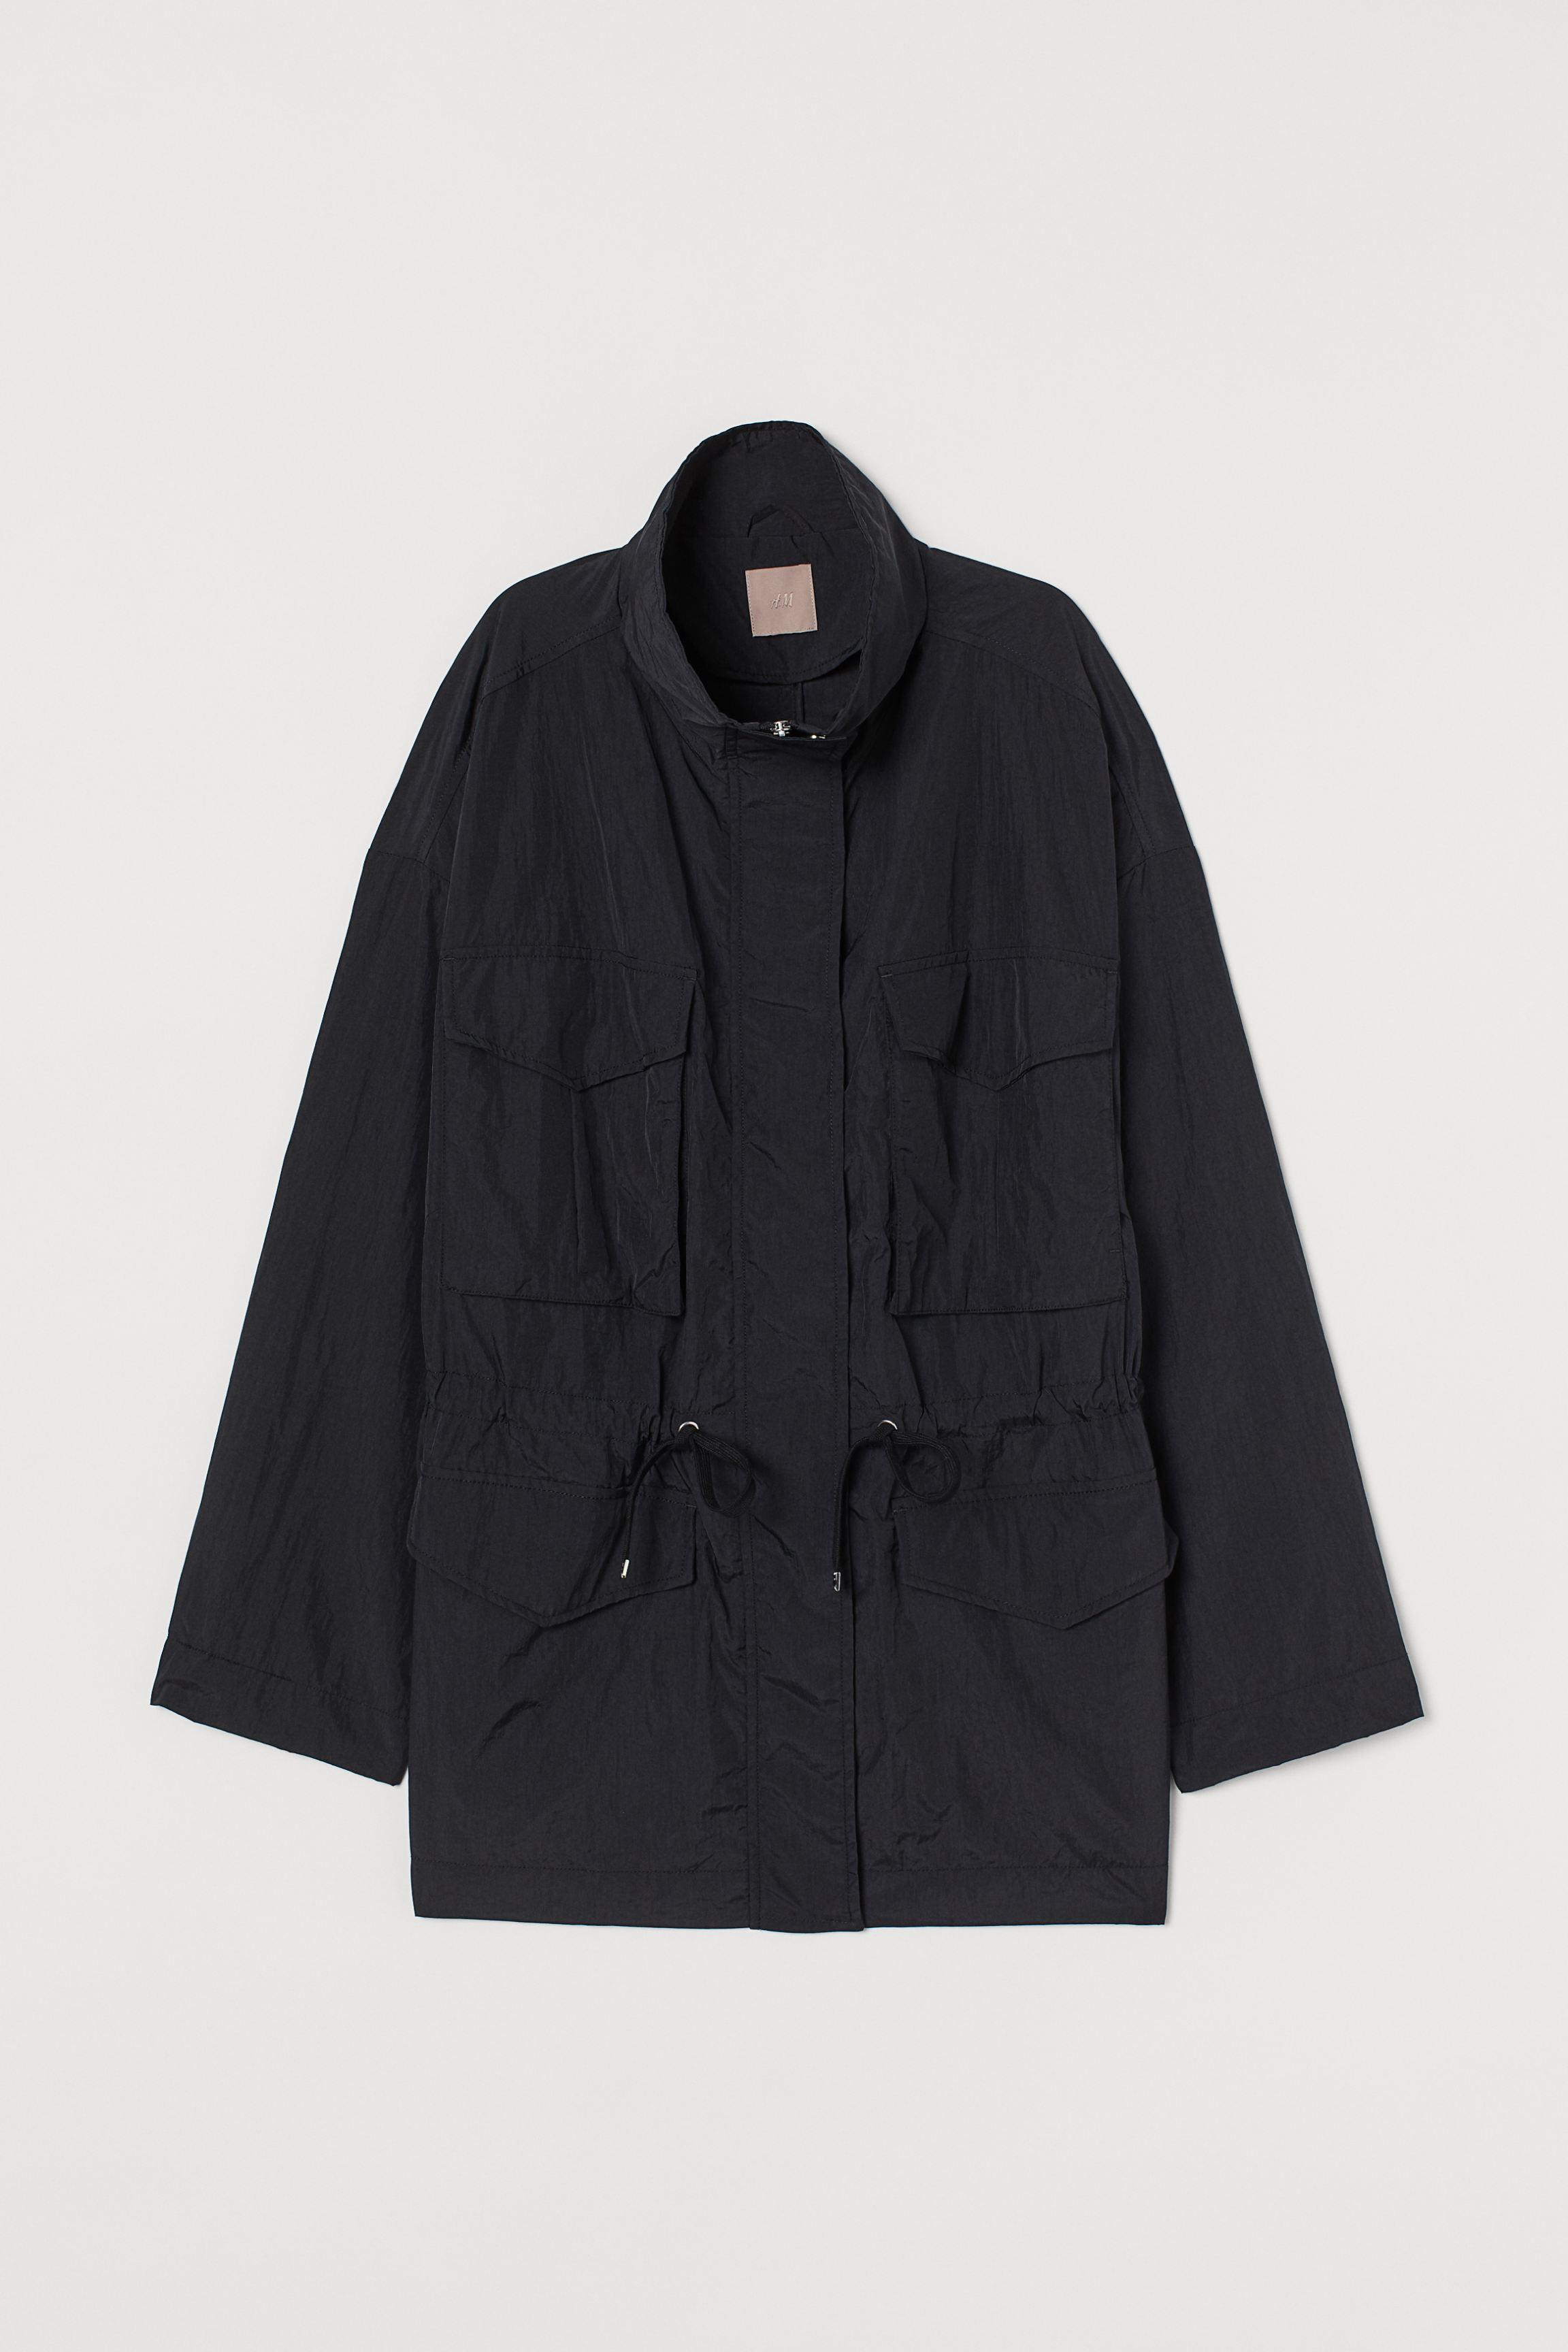 H&M+ Utility Jacket